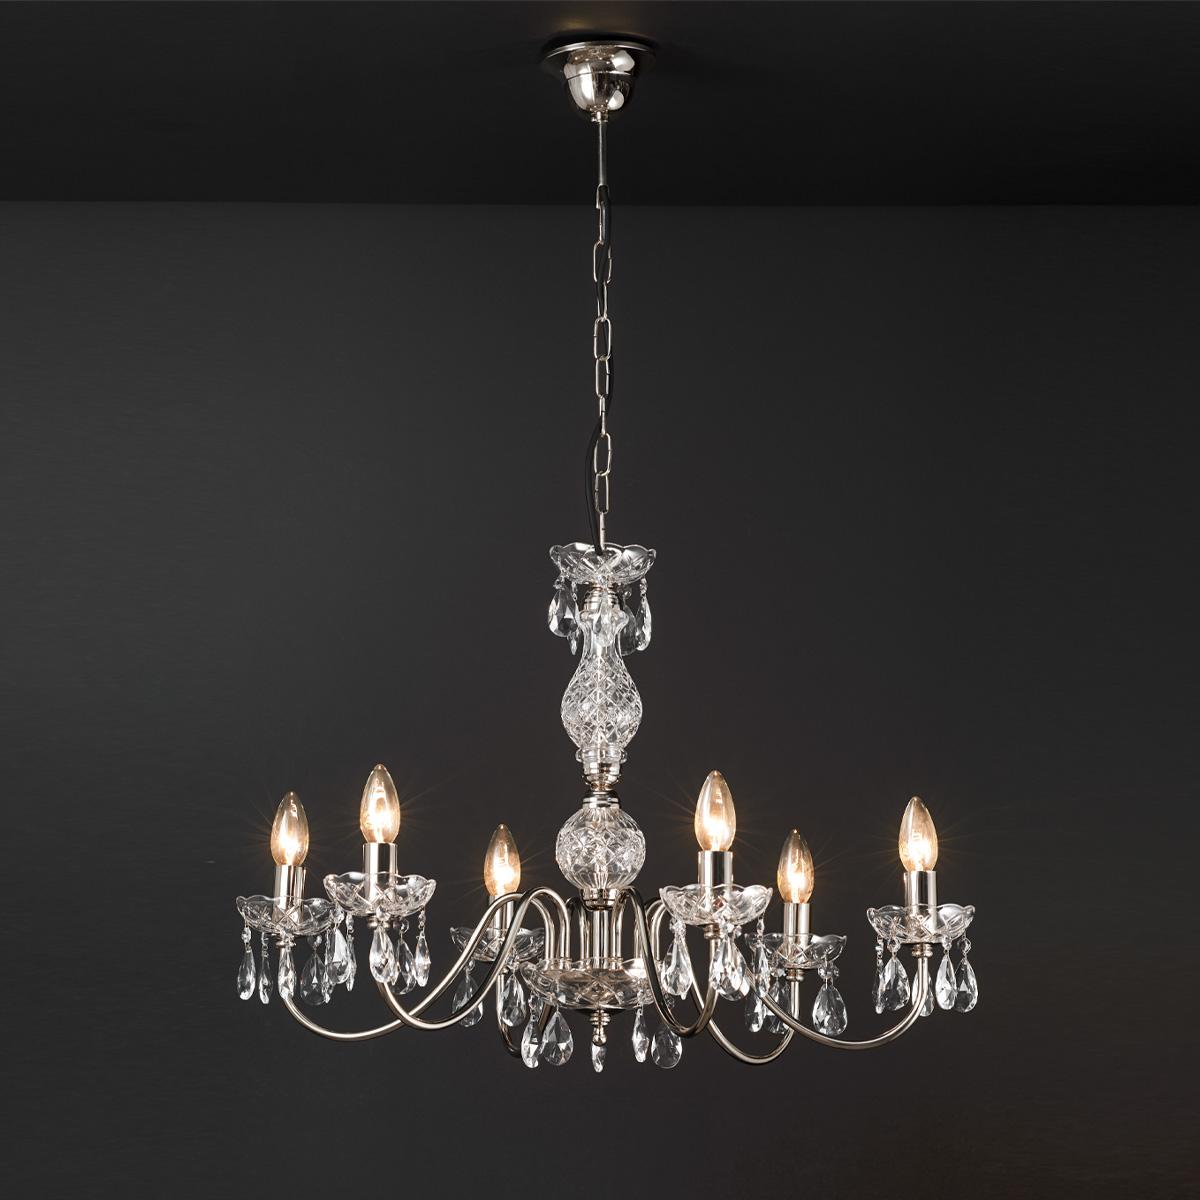 Φωτιστικό πολύφωτο με κρύσταλλα ΒΕΡΓΙΝΑ chandelier with crystals